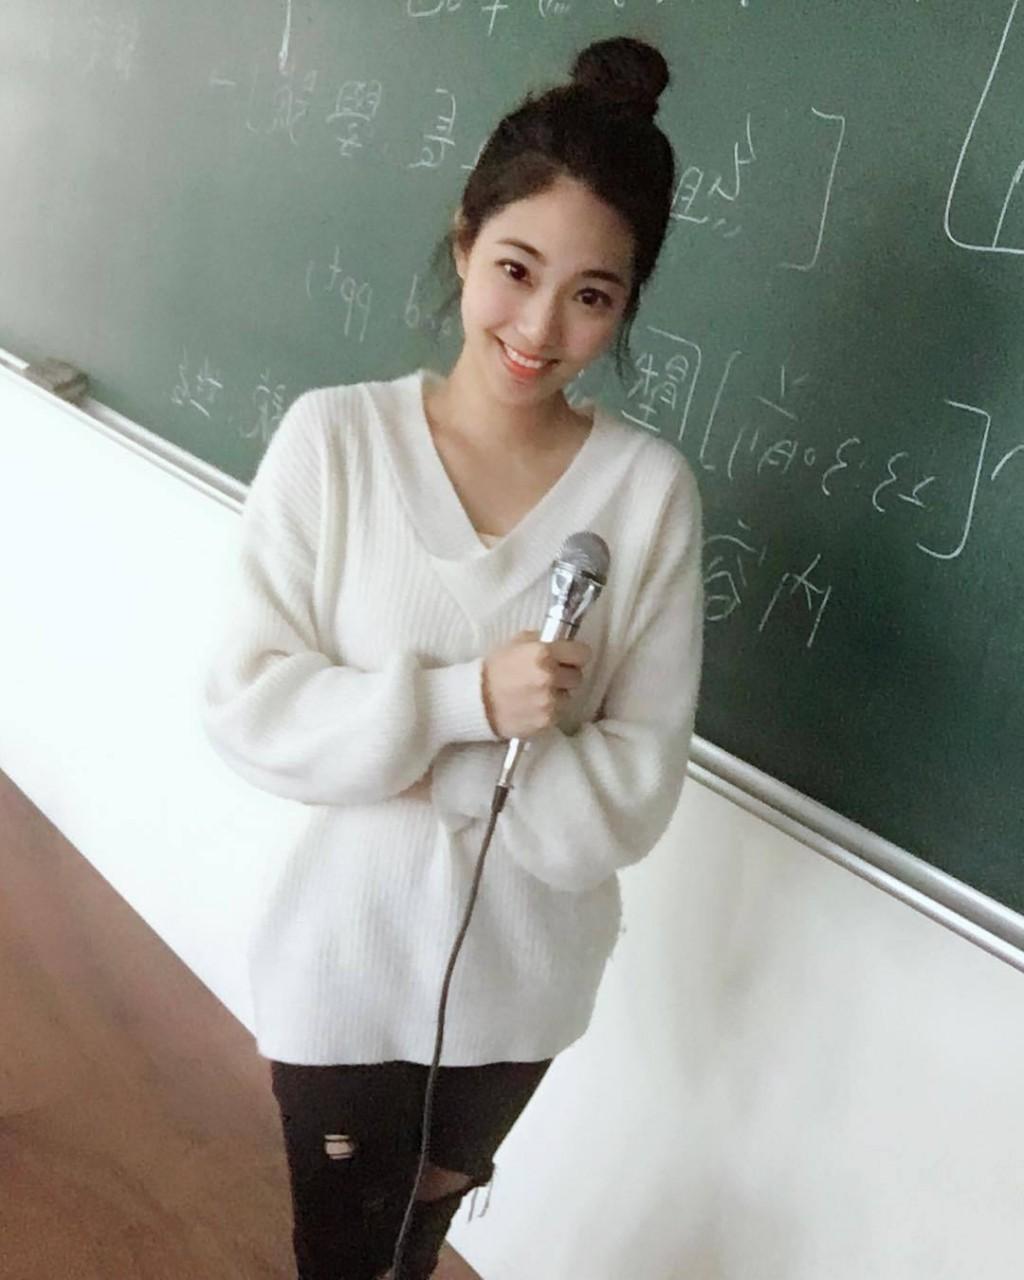 Найдена самая красивая в мире учительница